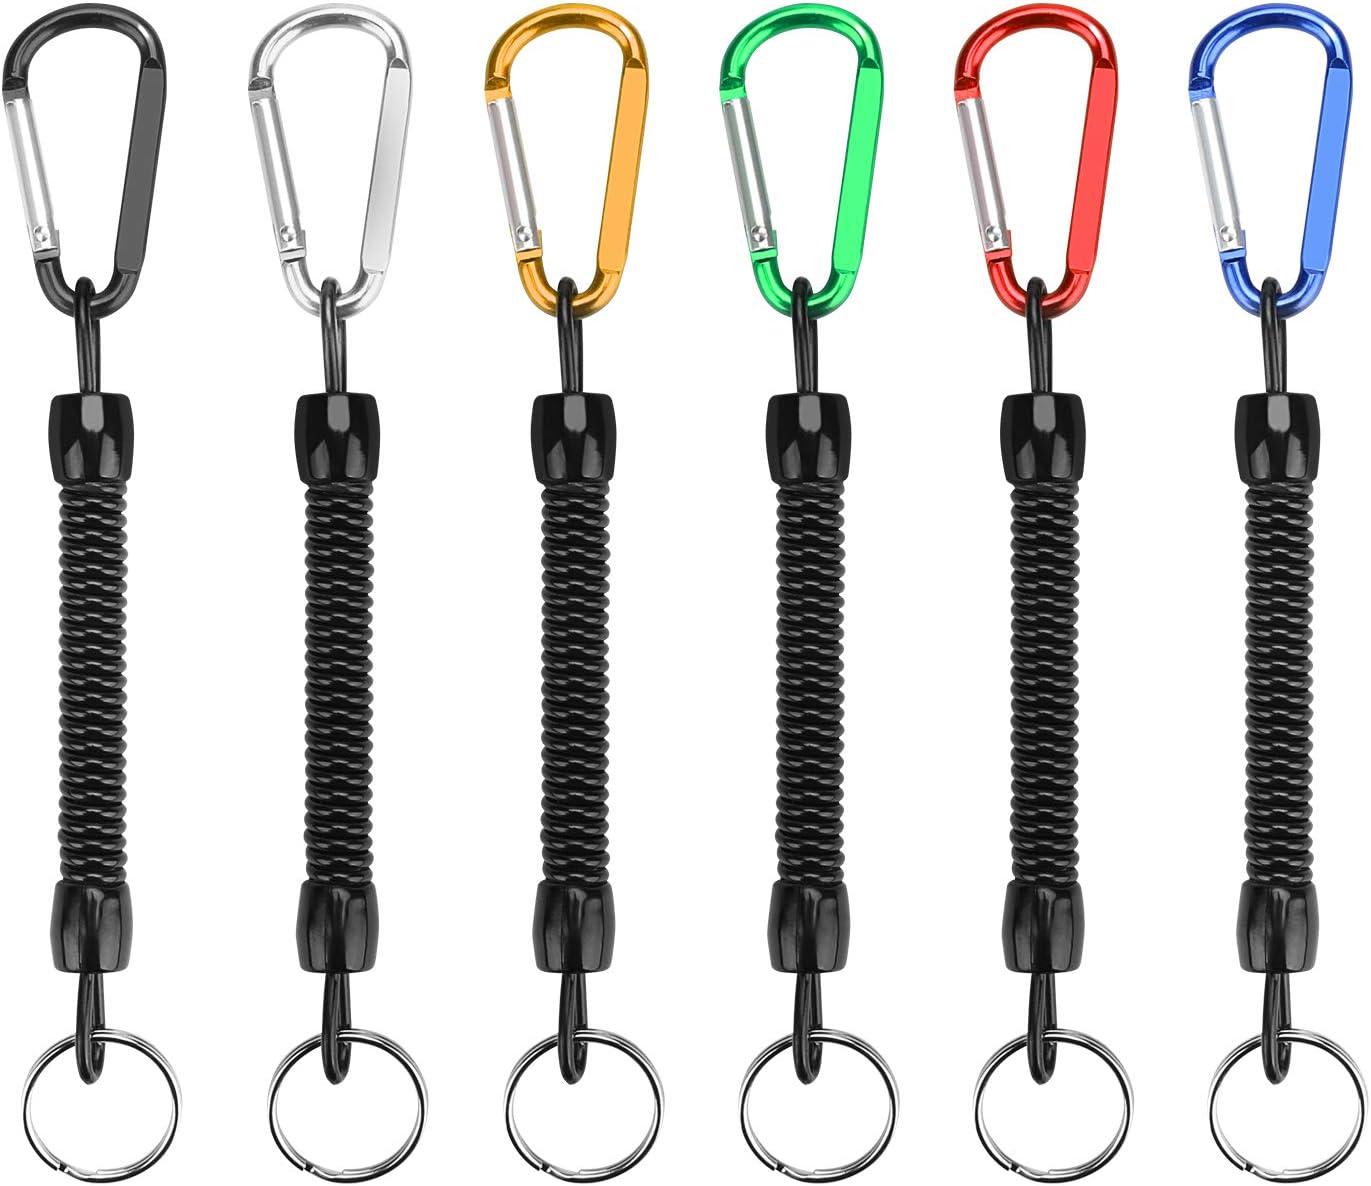 yidenguk Llavero de Espiral elástico con Cuerda de Pesca de 6 Piezas con mosquetón de Color, Llave de Seguridad de cordón con cordón telescópico antirrobo de Resorte telescópico: Amazon.es: Juguetes y juegos